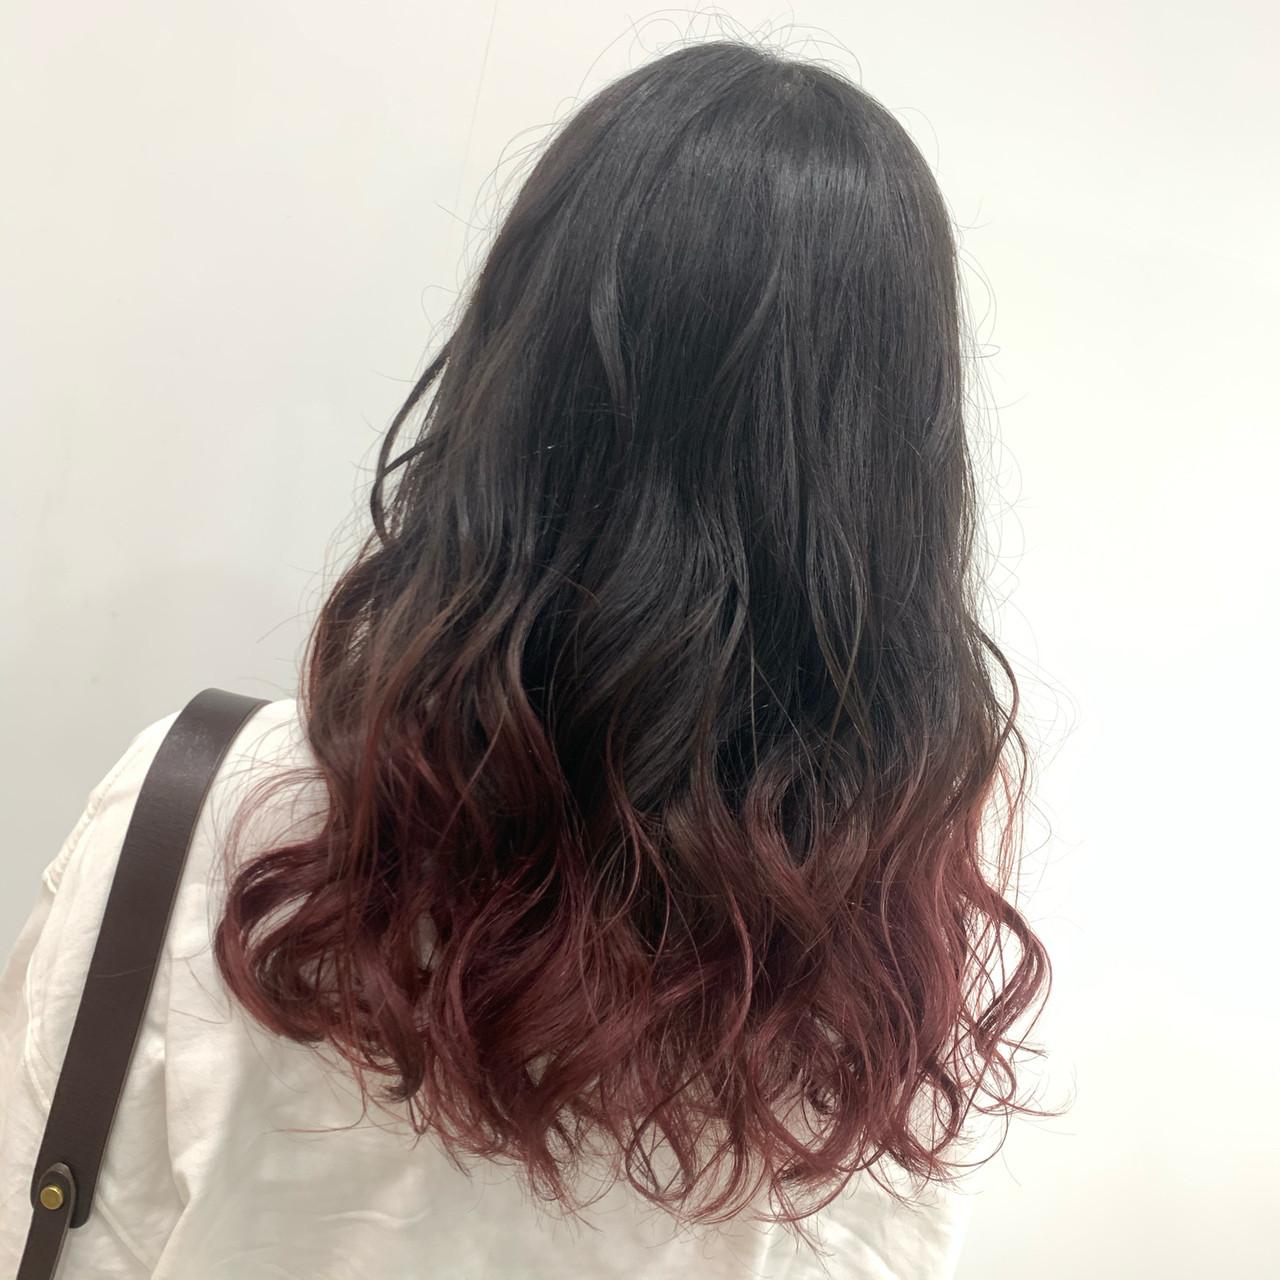 ブリーチ チェリーレッド グラデーション ガーリーヘアスタイルや髪型の写真・画像